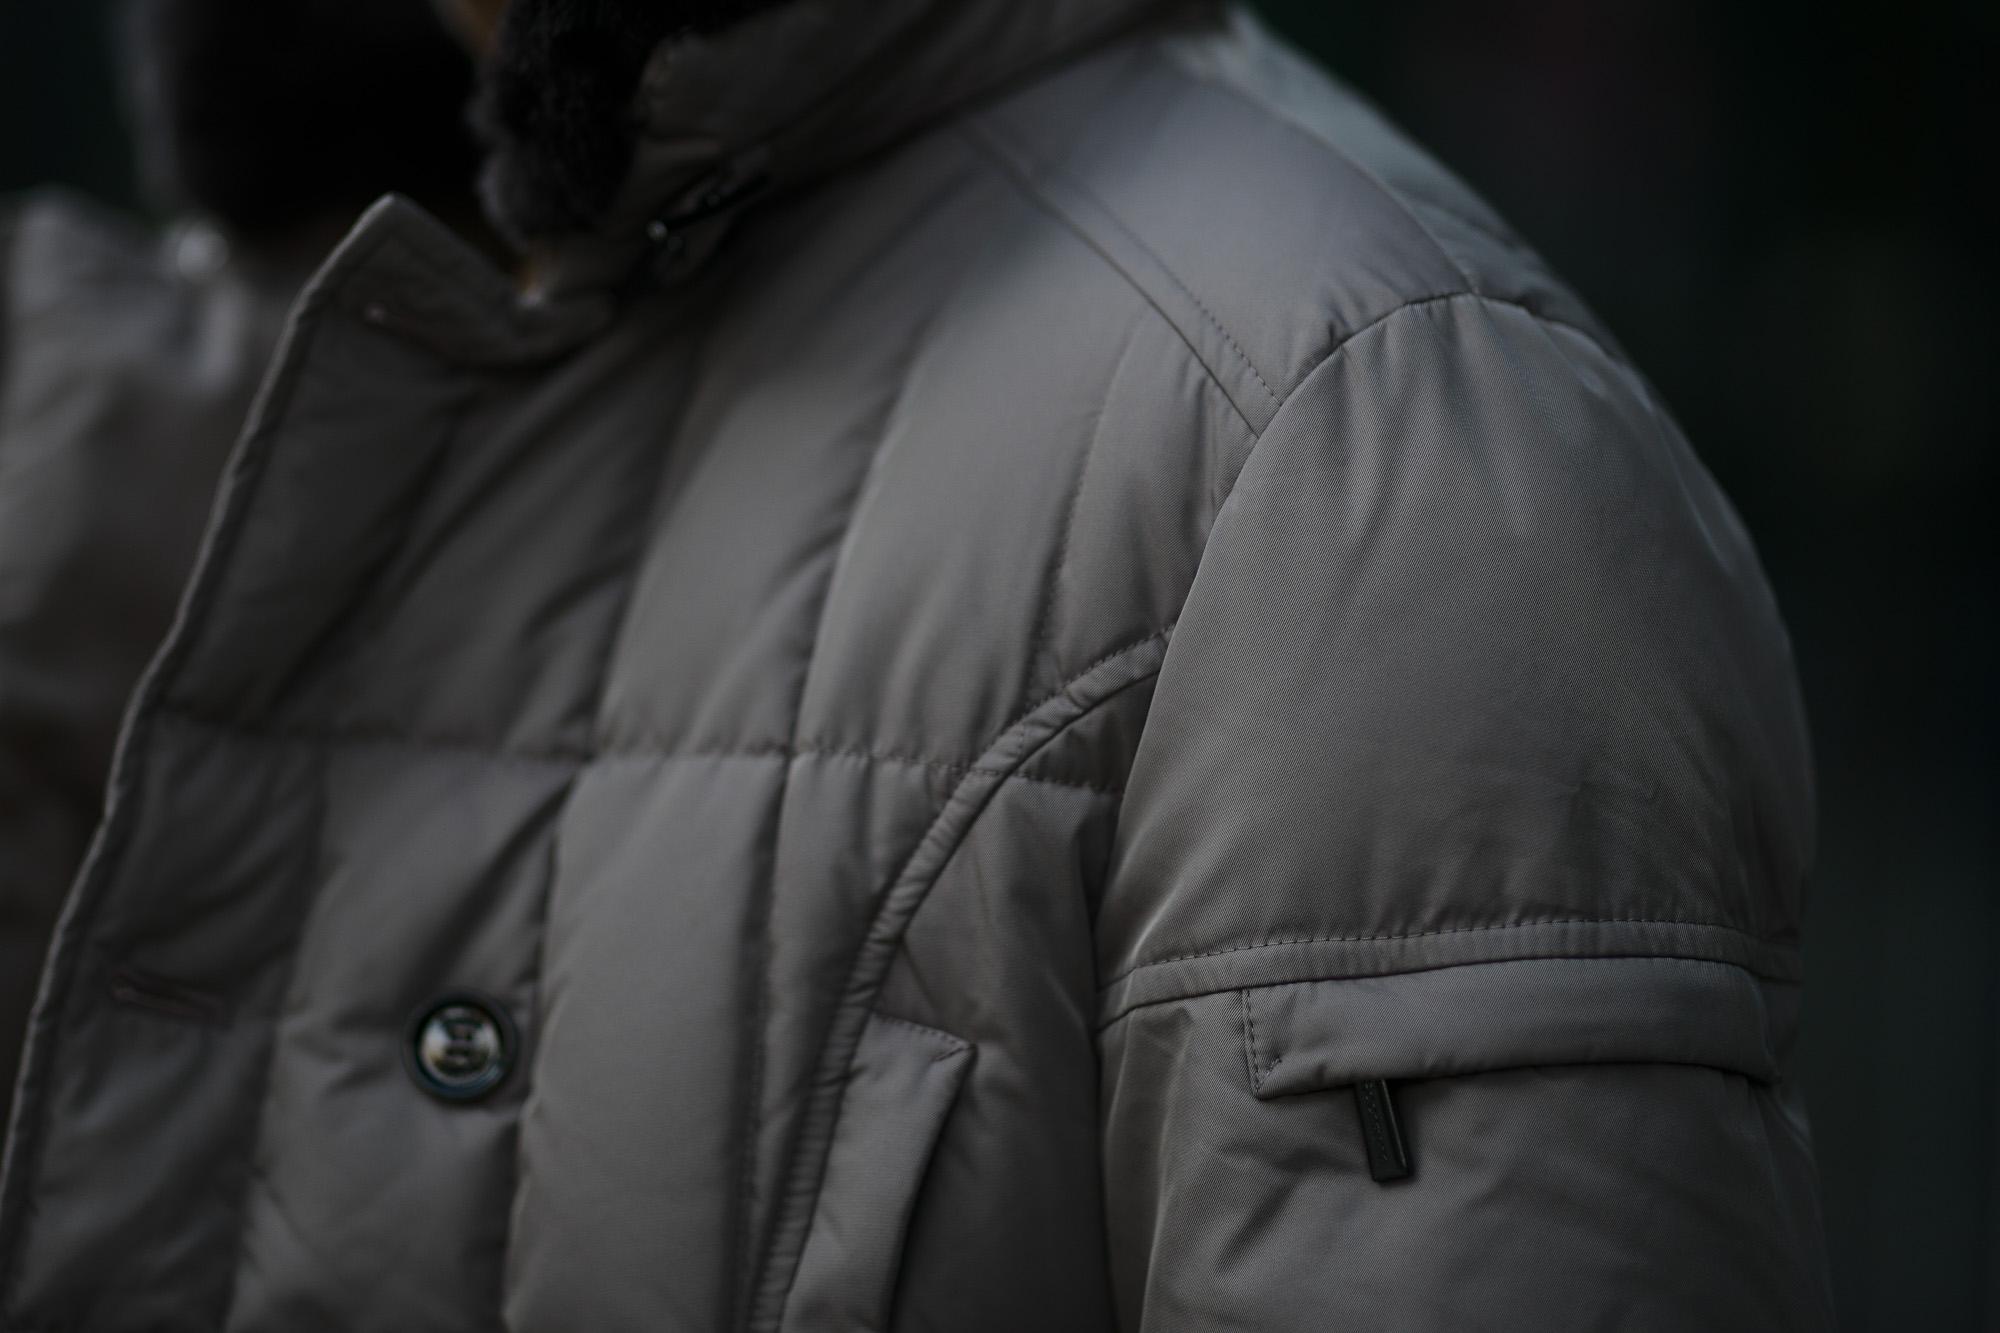 MOORER (ムーレー) SIRO-KM2 (シロ) ホワイトグースダウン ナイロン ダブルブレスト ダウンジャケット VISONE (ベージュ・32) Made in italy (イタリア製) 2019 秋冬新作 愛知 名古屋 altoediritto アルトエデリット ダウンジャケット